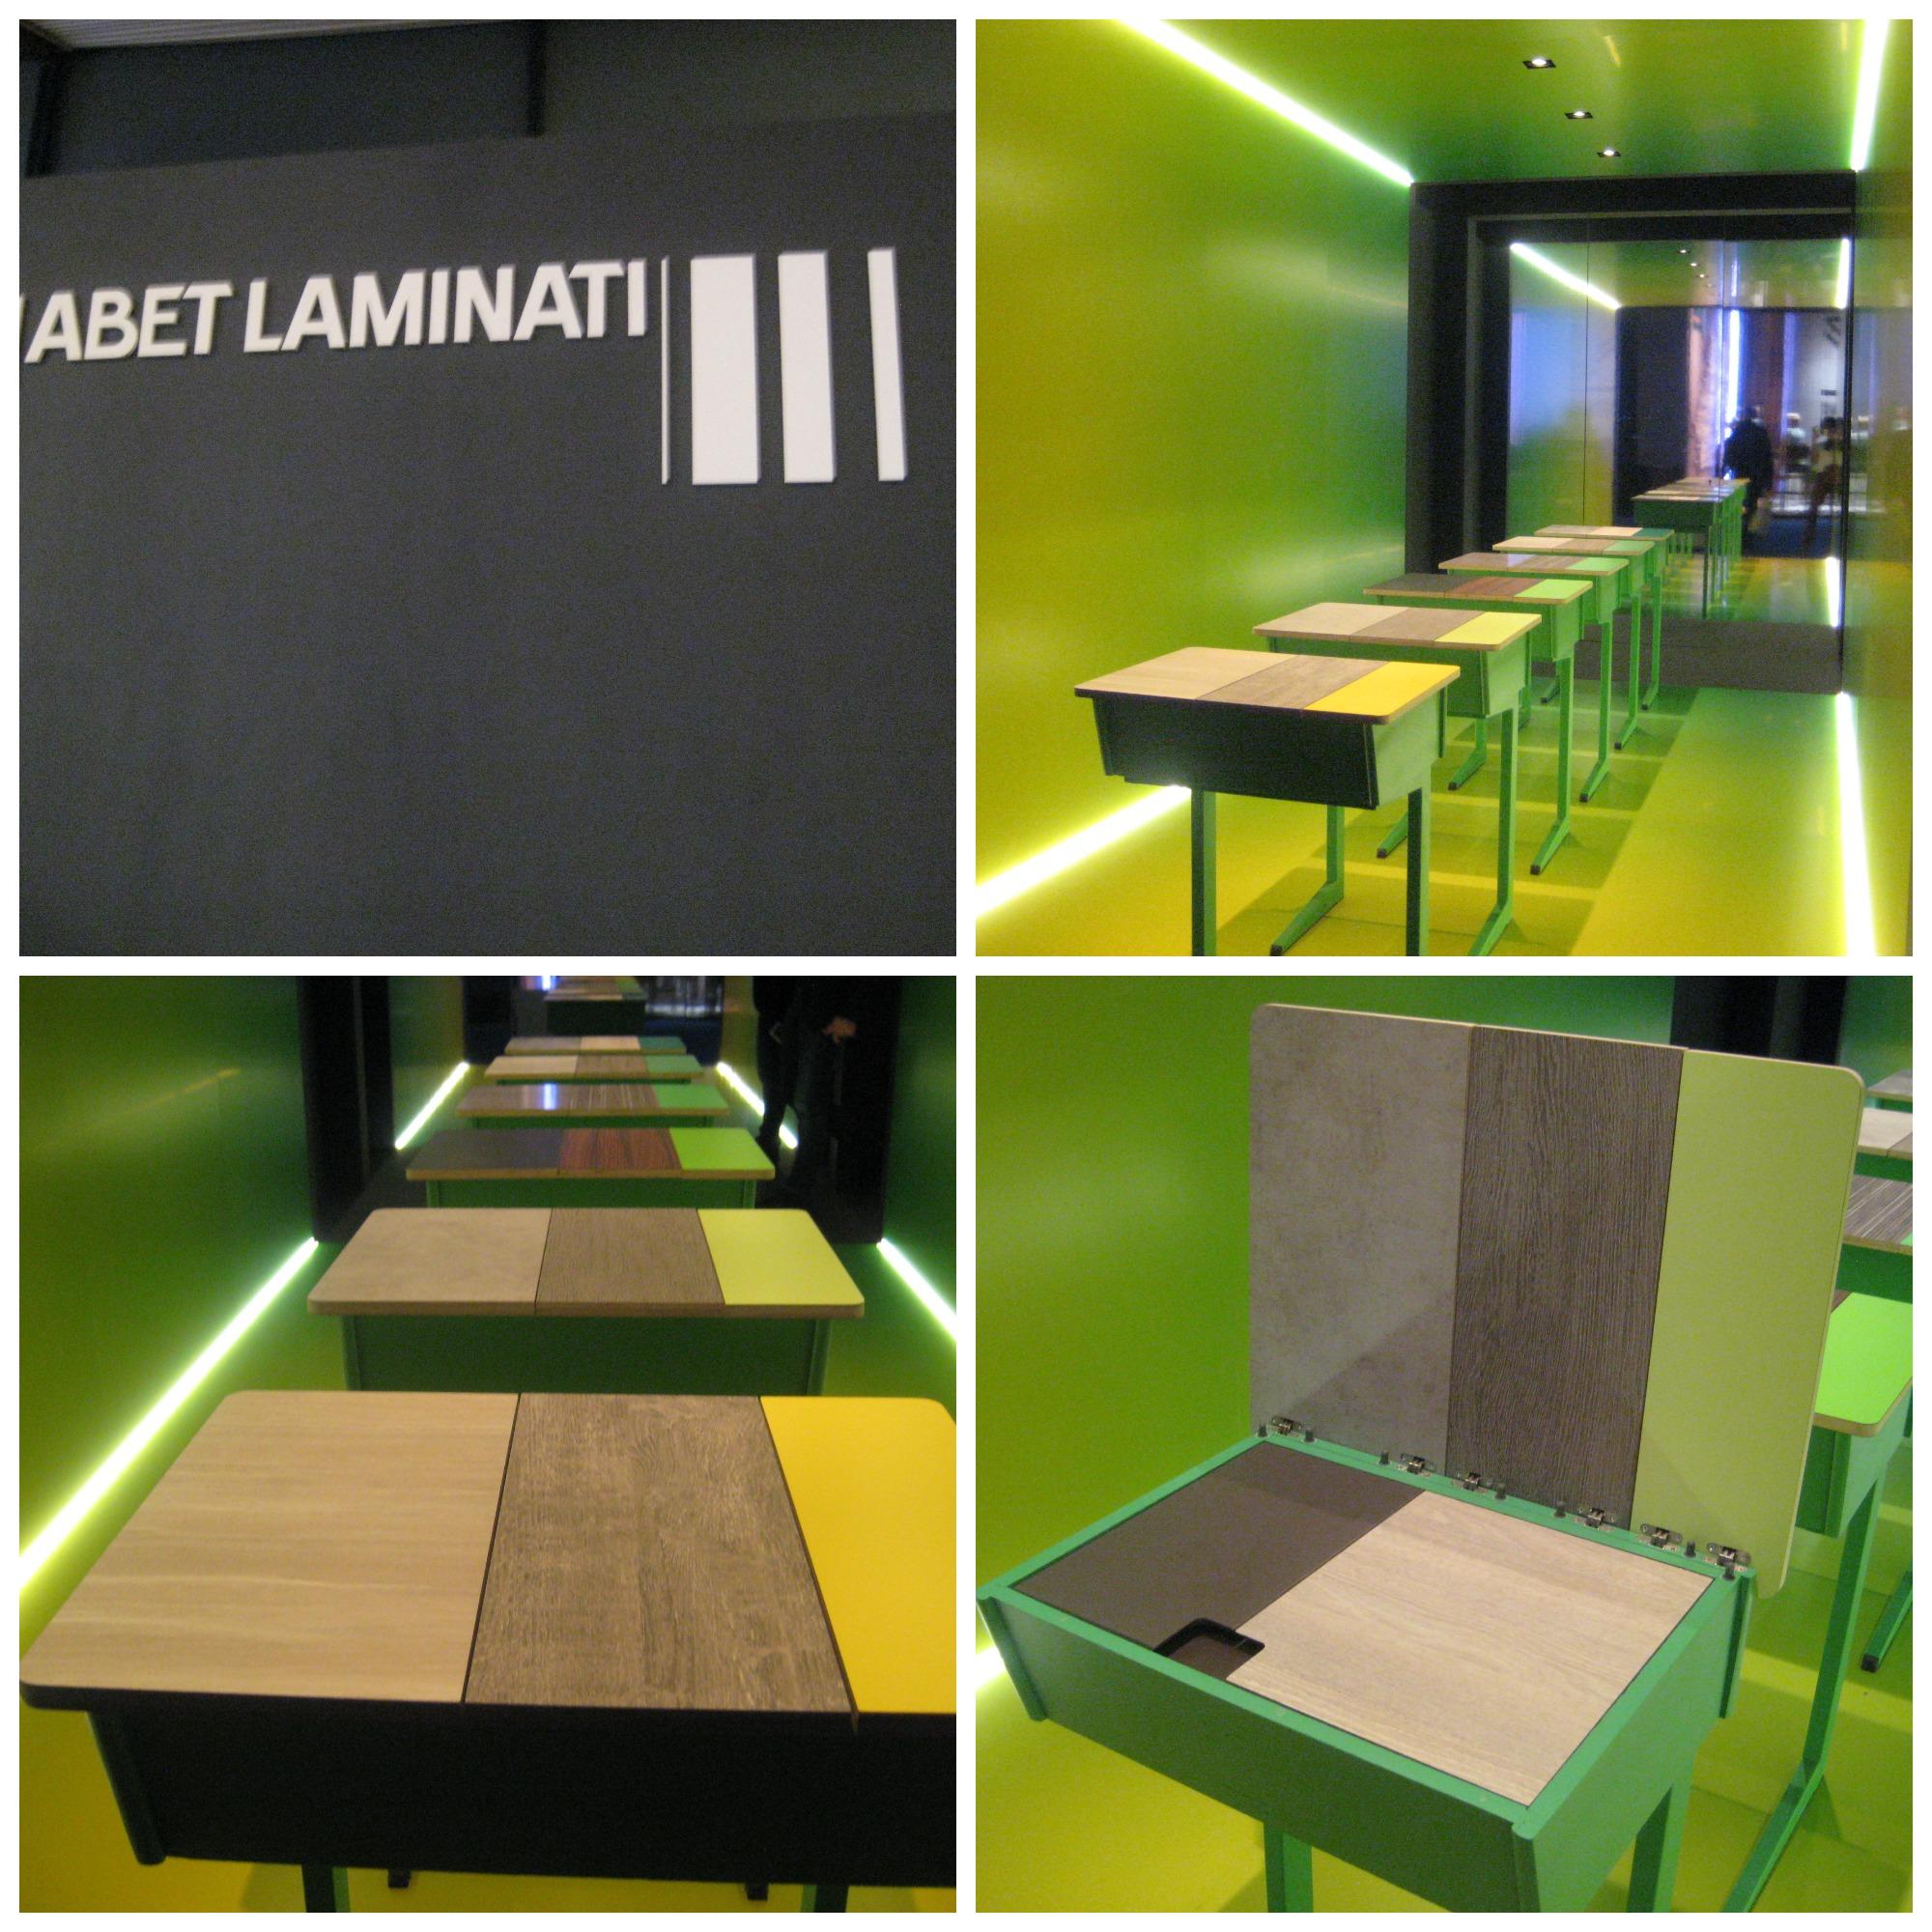 Stand van Abet Laminati